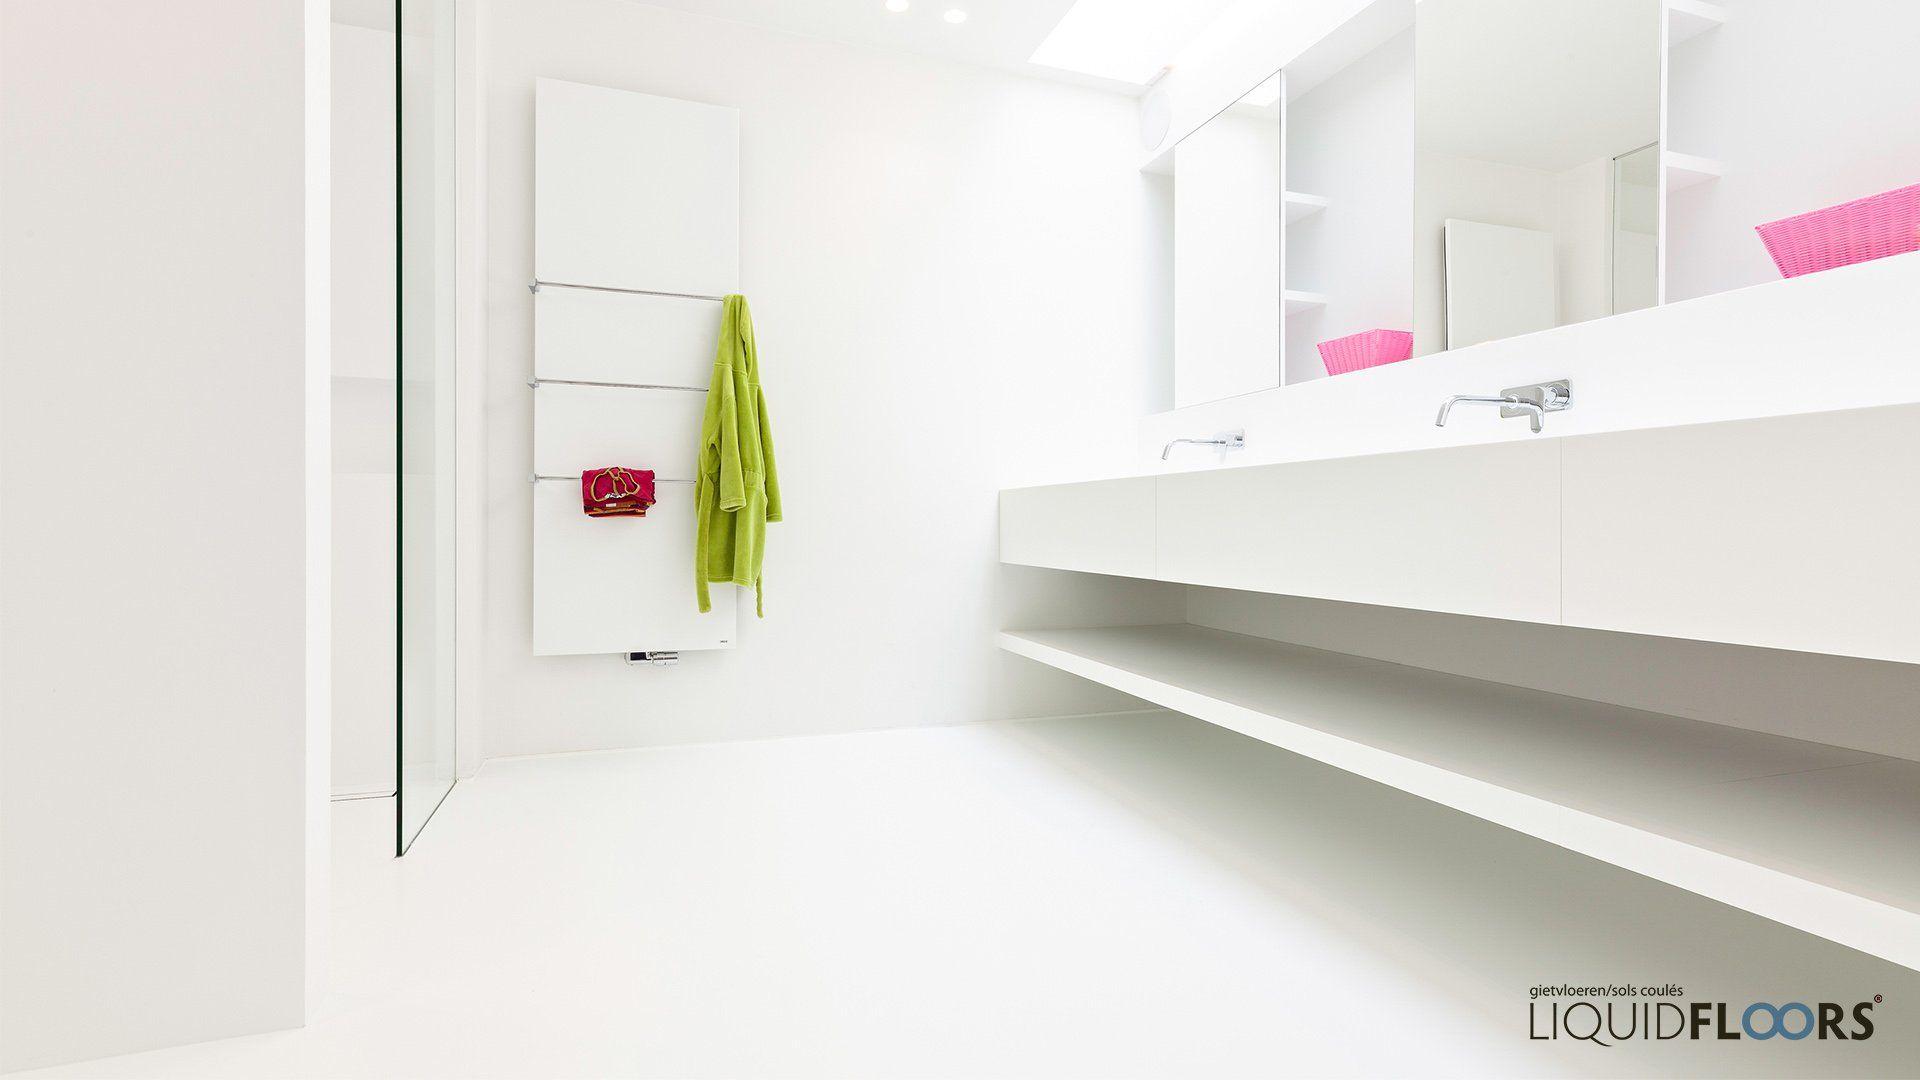 Gietvloer Badkamer Douche : Badkamer vloer renovatie inrichting douche badkamerafwerking